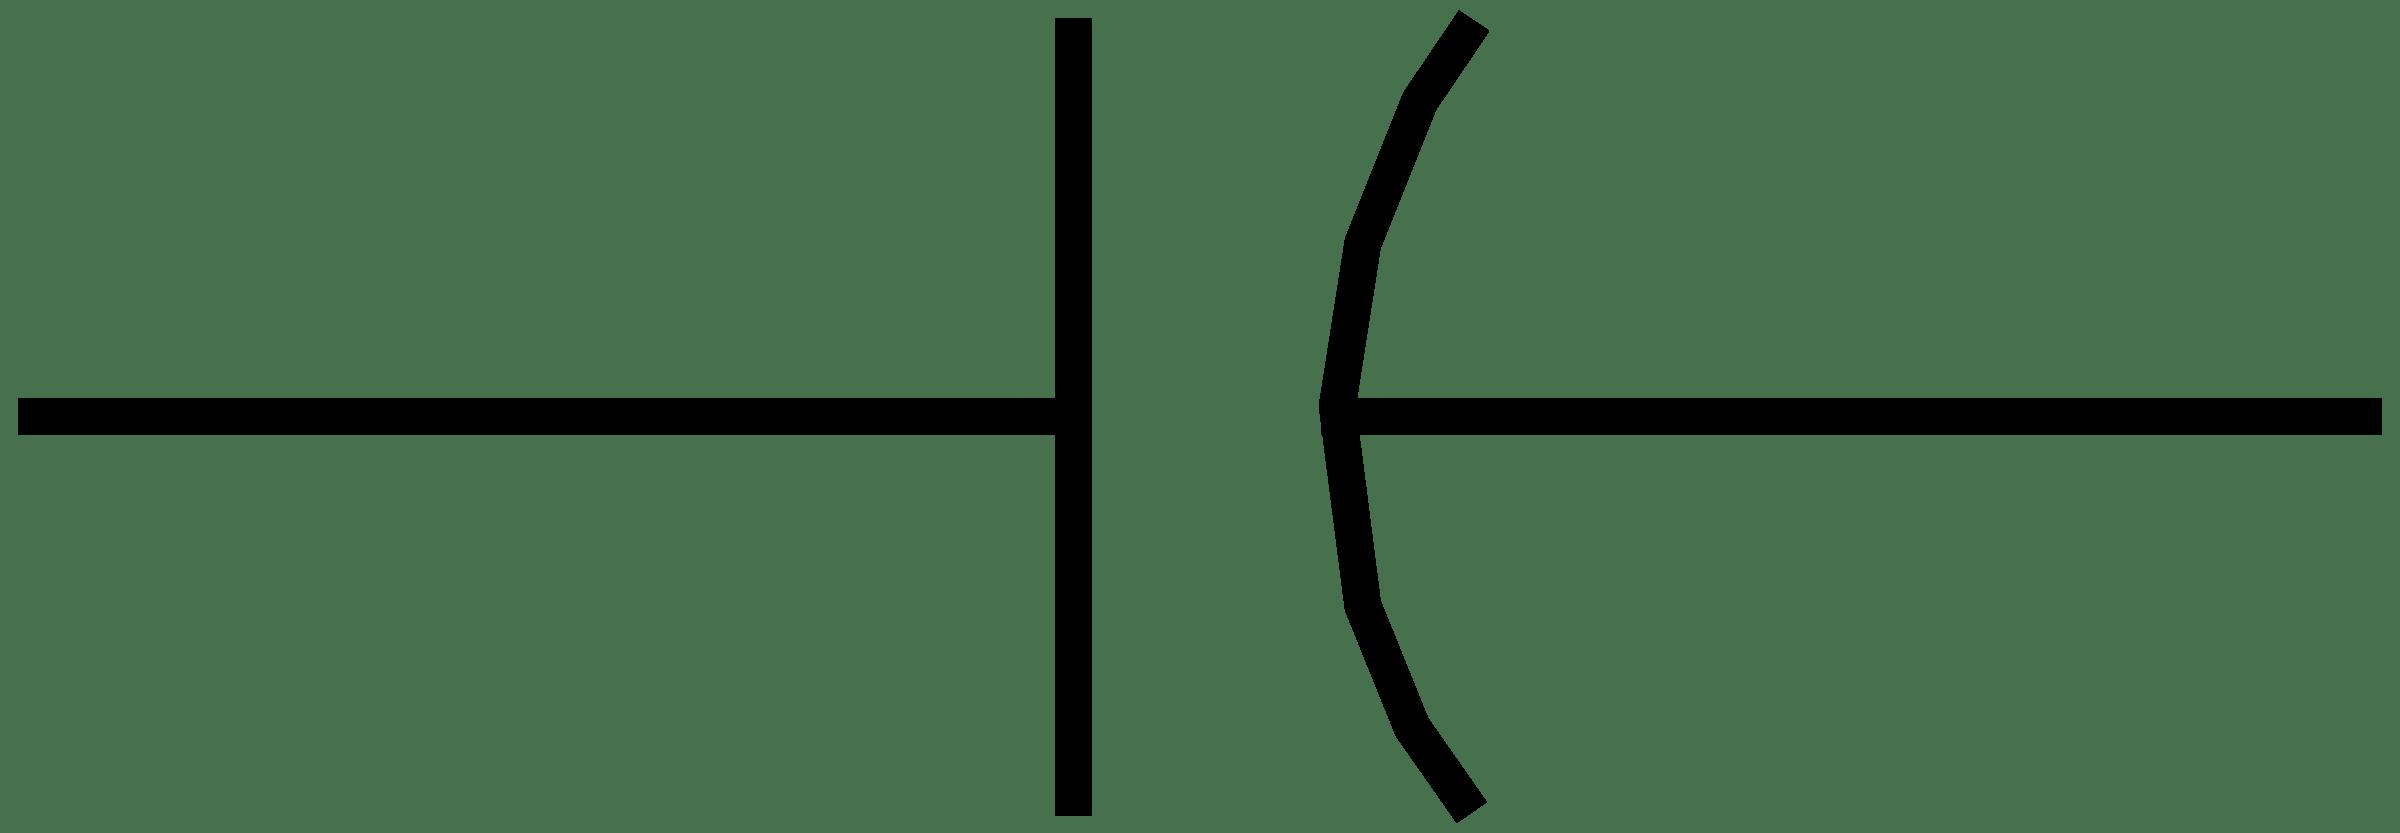 Symbol Of Capacitor